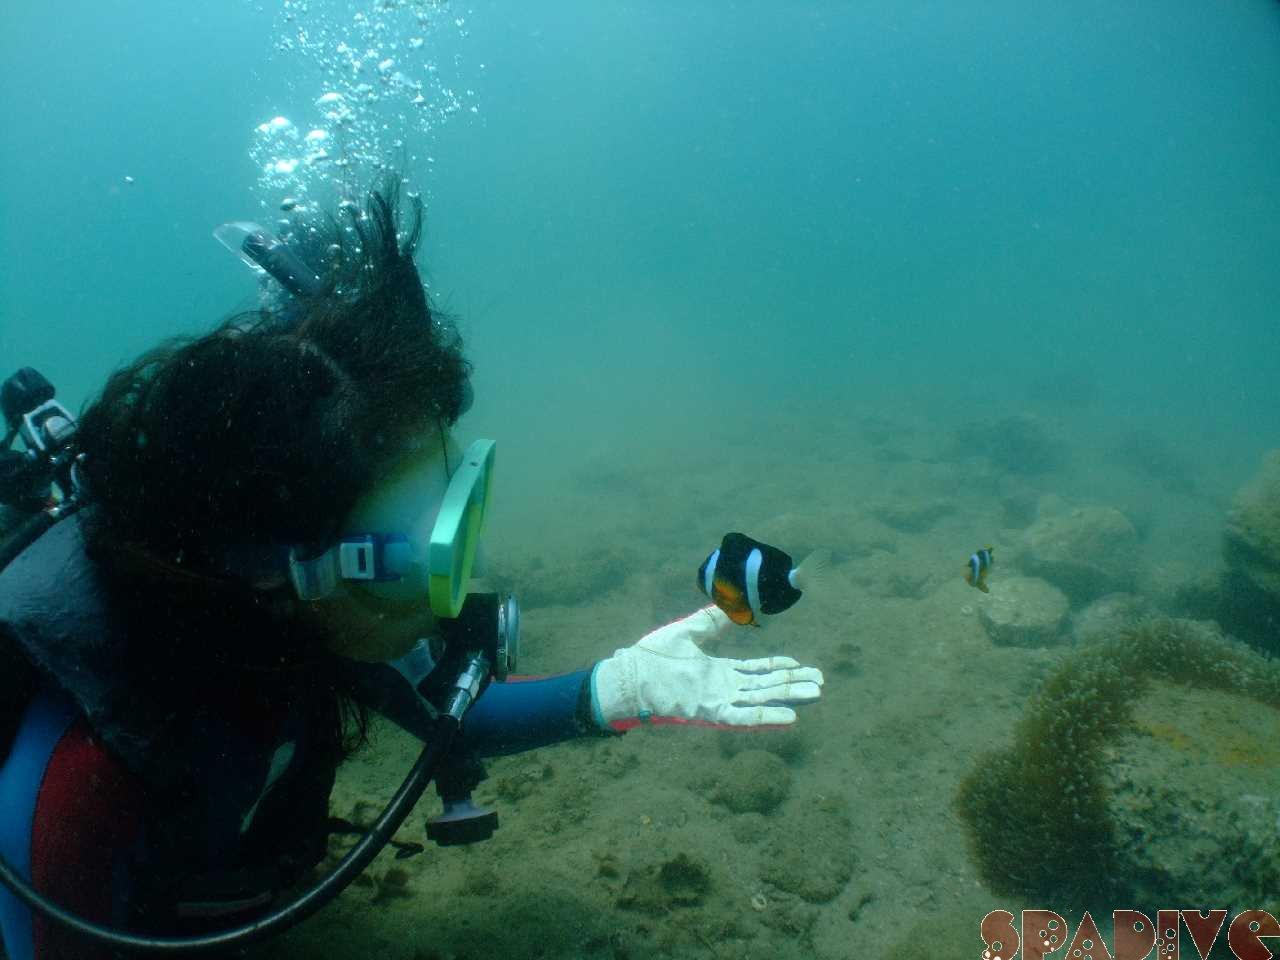 2012年7月撮影海フォトギャラリー|南紀白浜スパダイブ